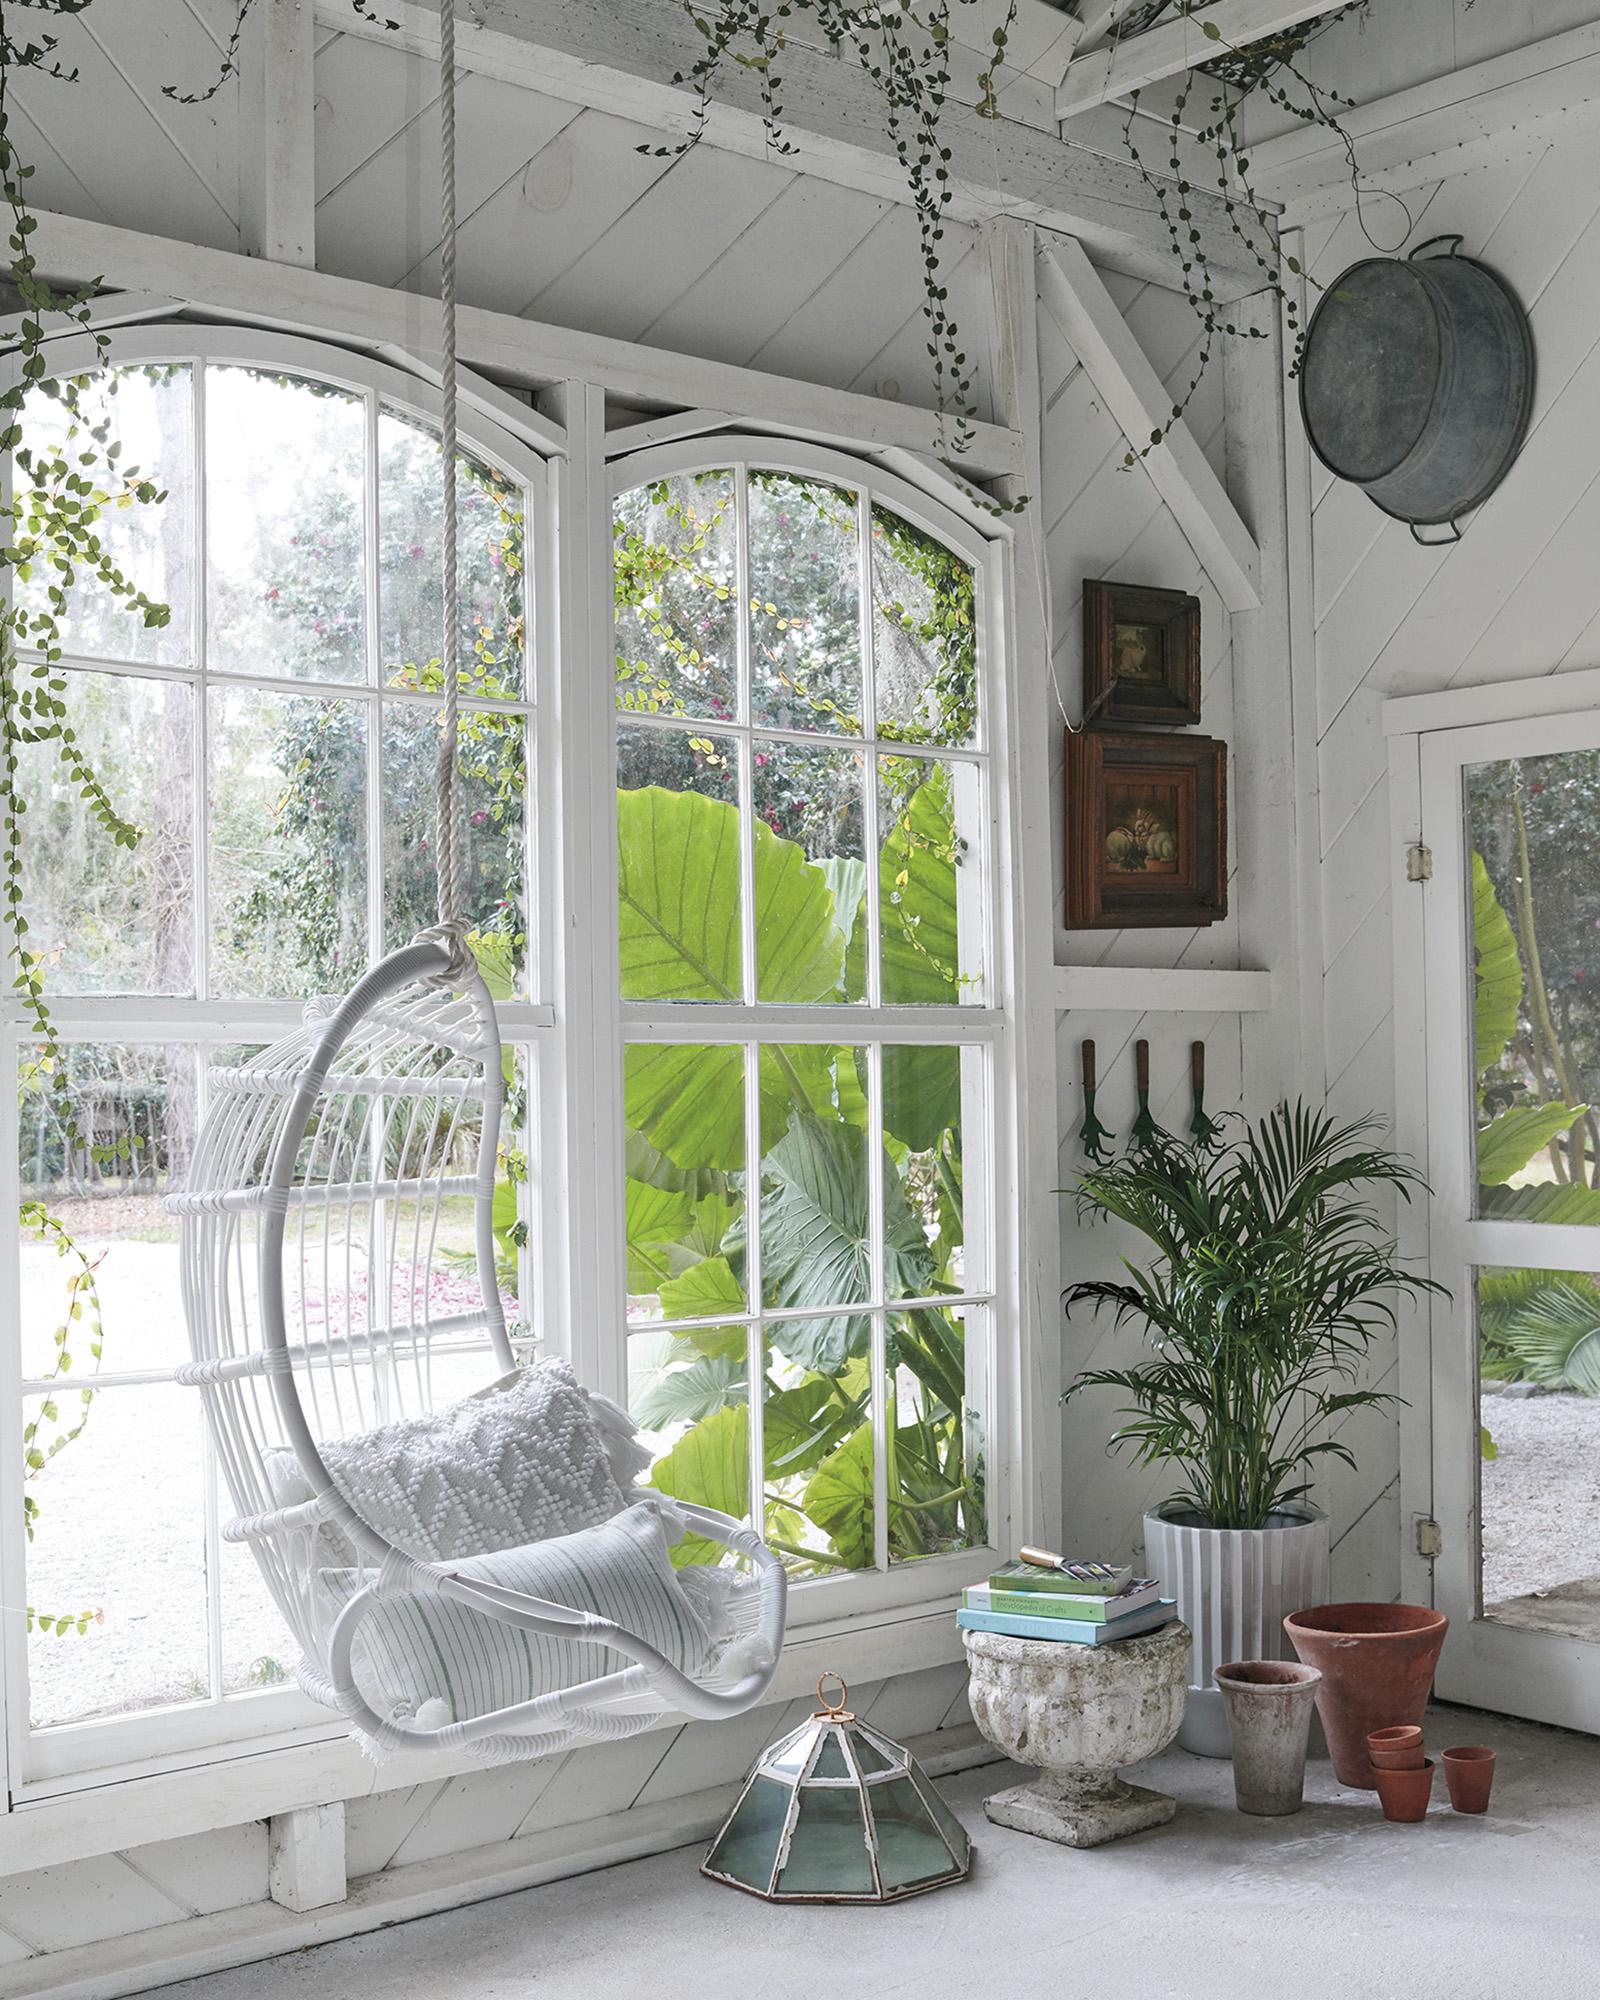 Hanging-egg-basket-_Chair-srena-lilly